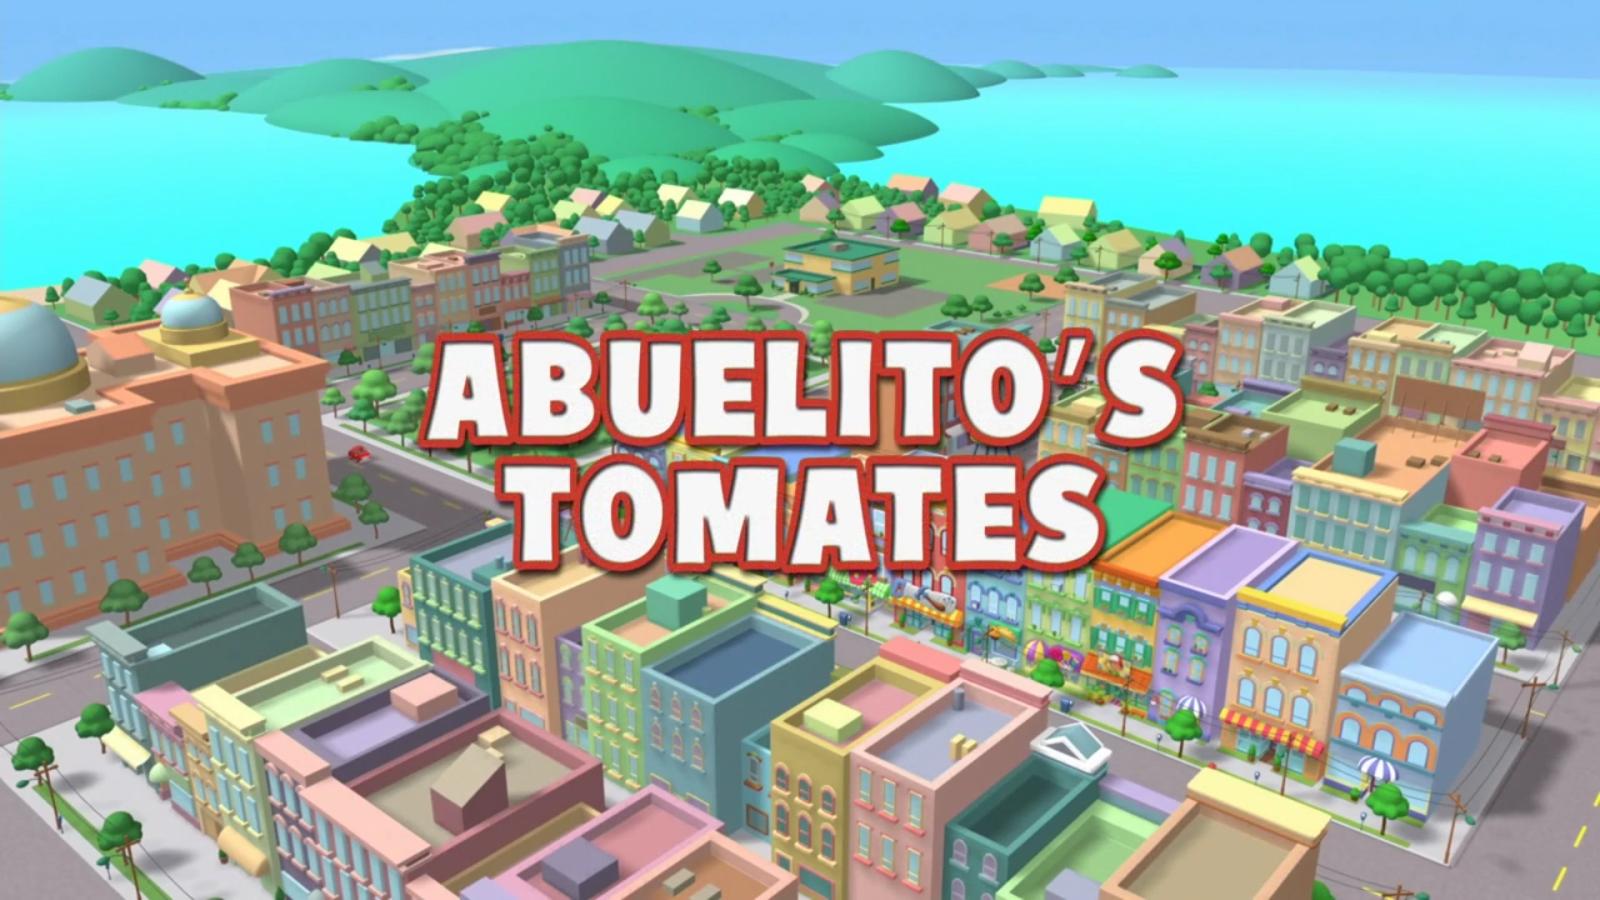 Abuelito's Tomatoes